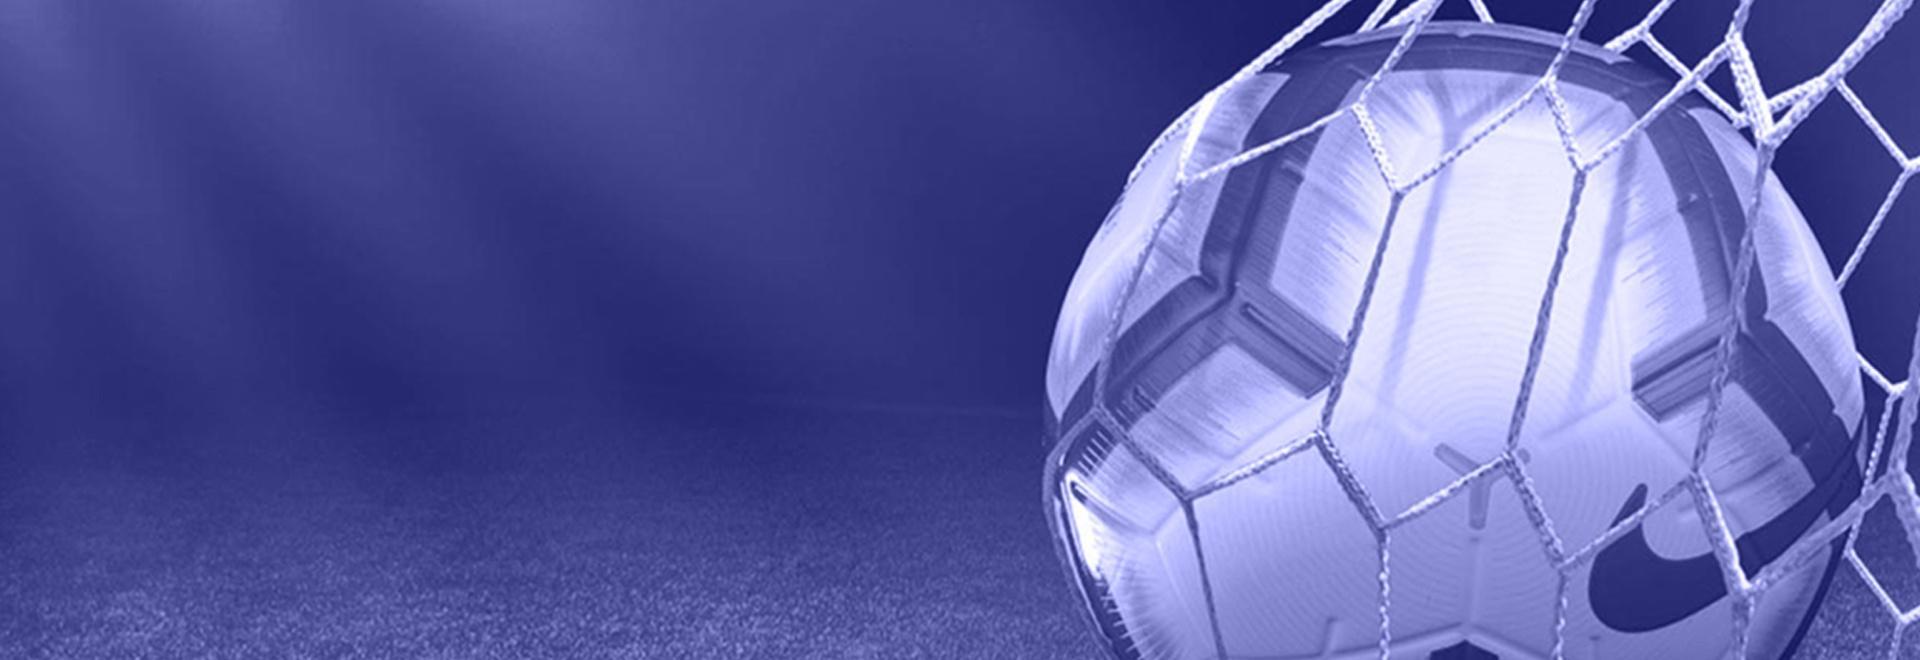 Inter - Bologna 04/10/08